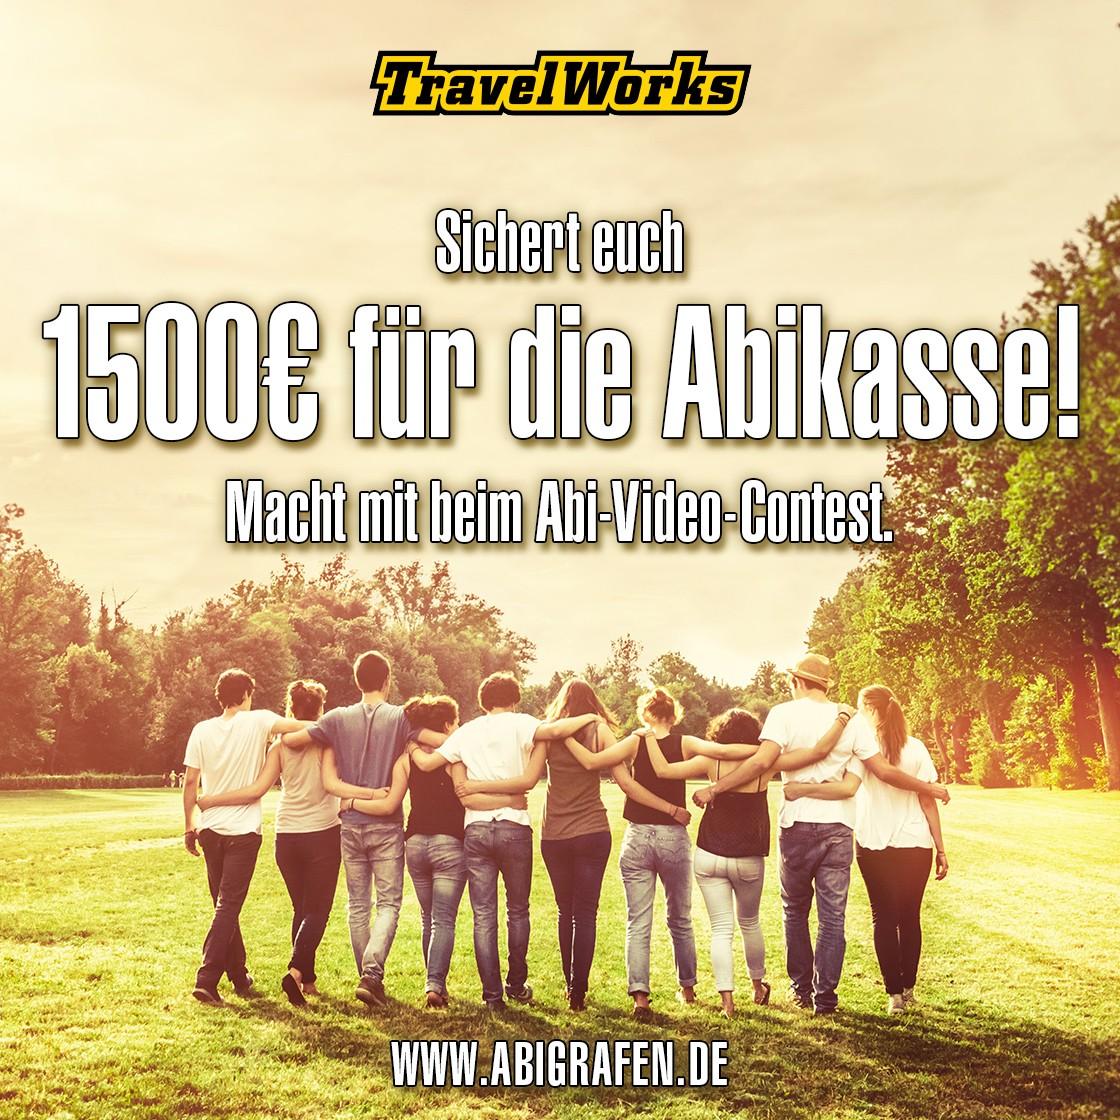 Abi-Video-Contest von TravelWorks